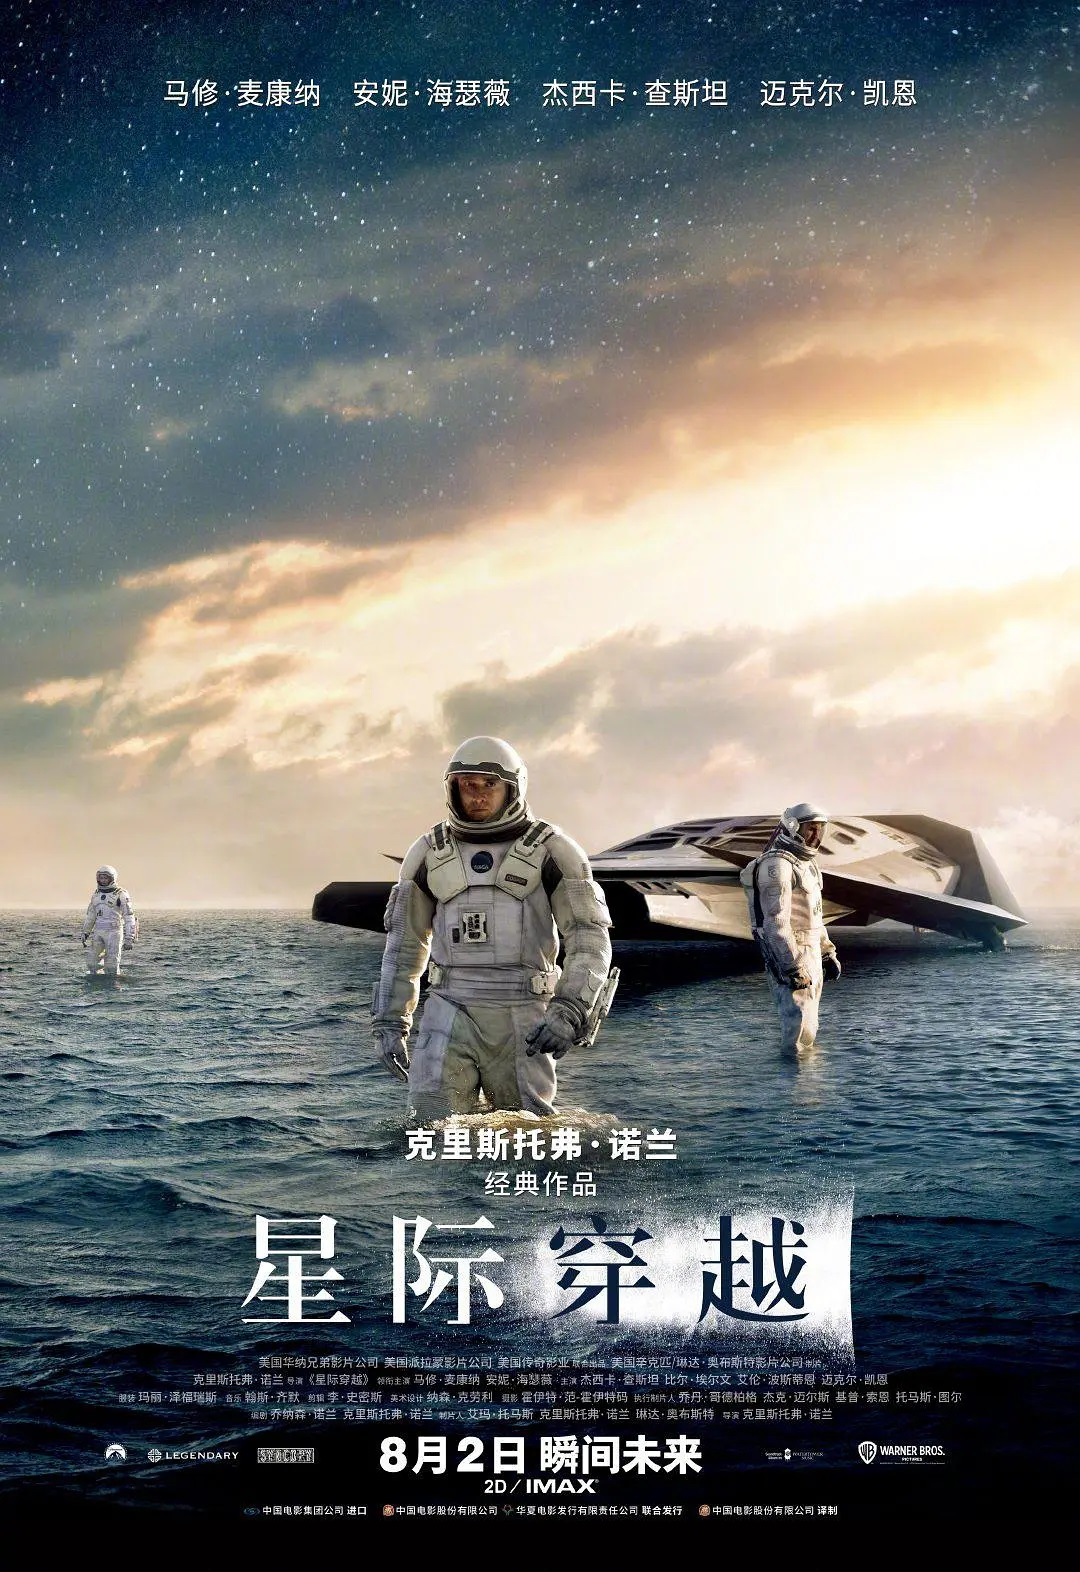 [电影分享] [星际穿越 Interstellar (2014)] [1080P] [BluRay] [x264] [DTS-HD] [MA.5.1] [MKV][外挂字幕][2.63G]